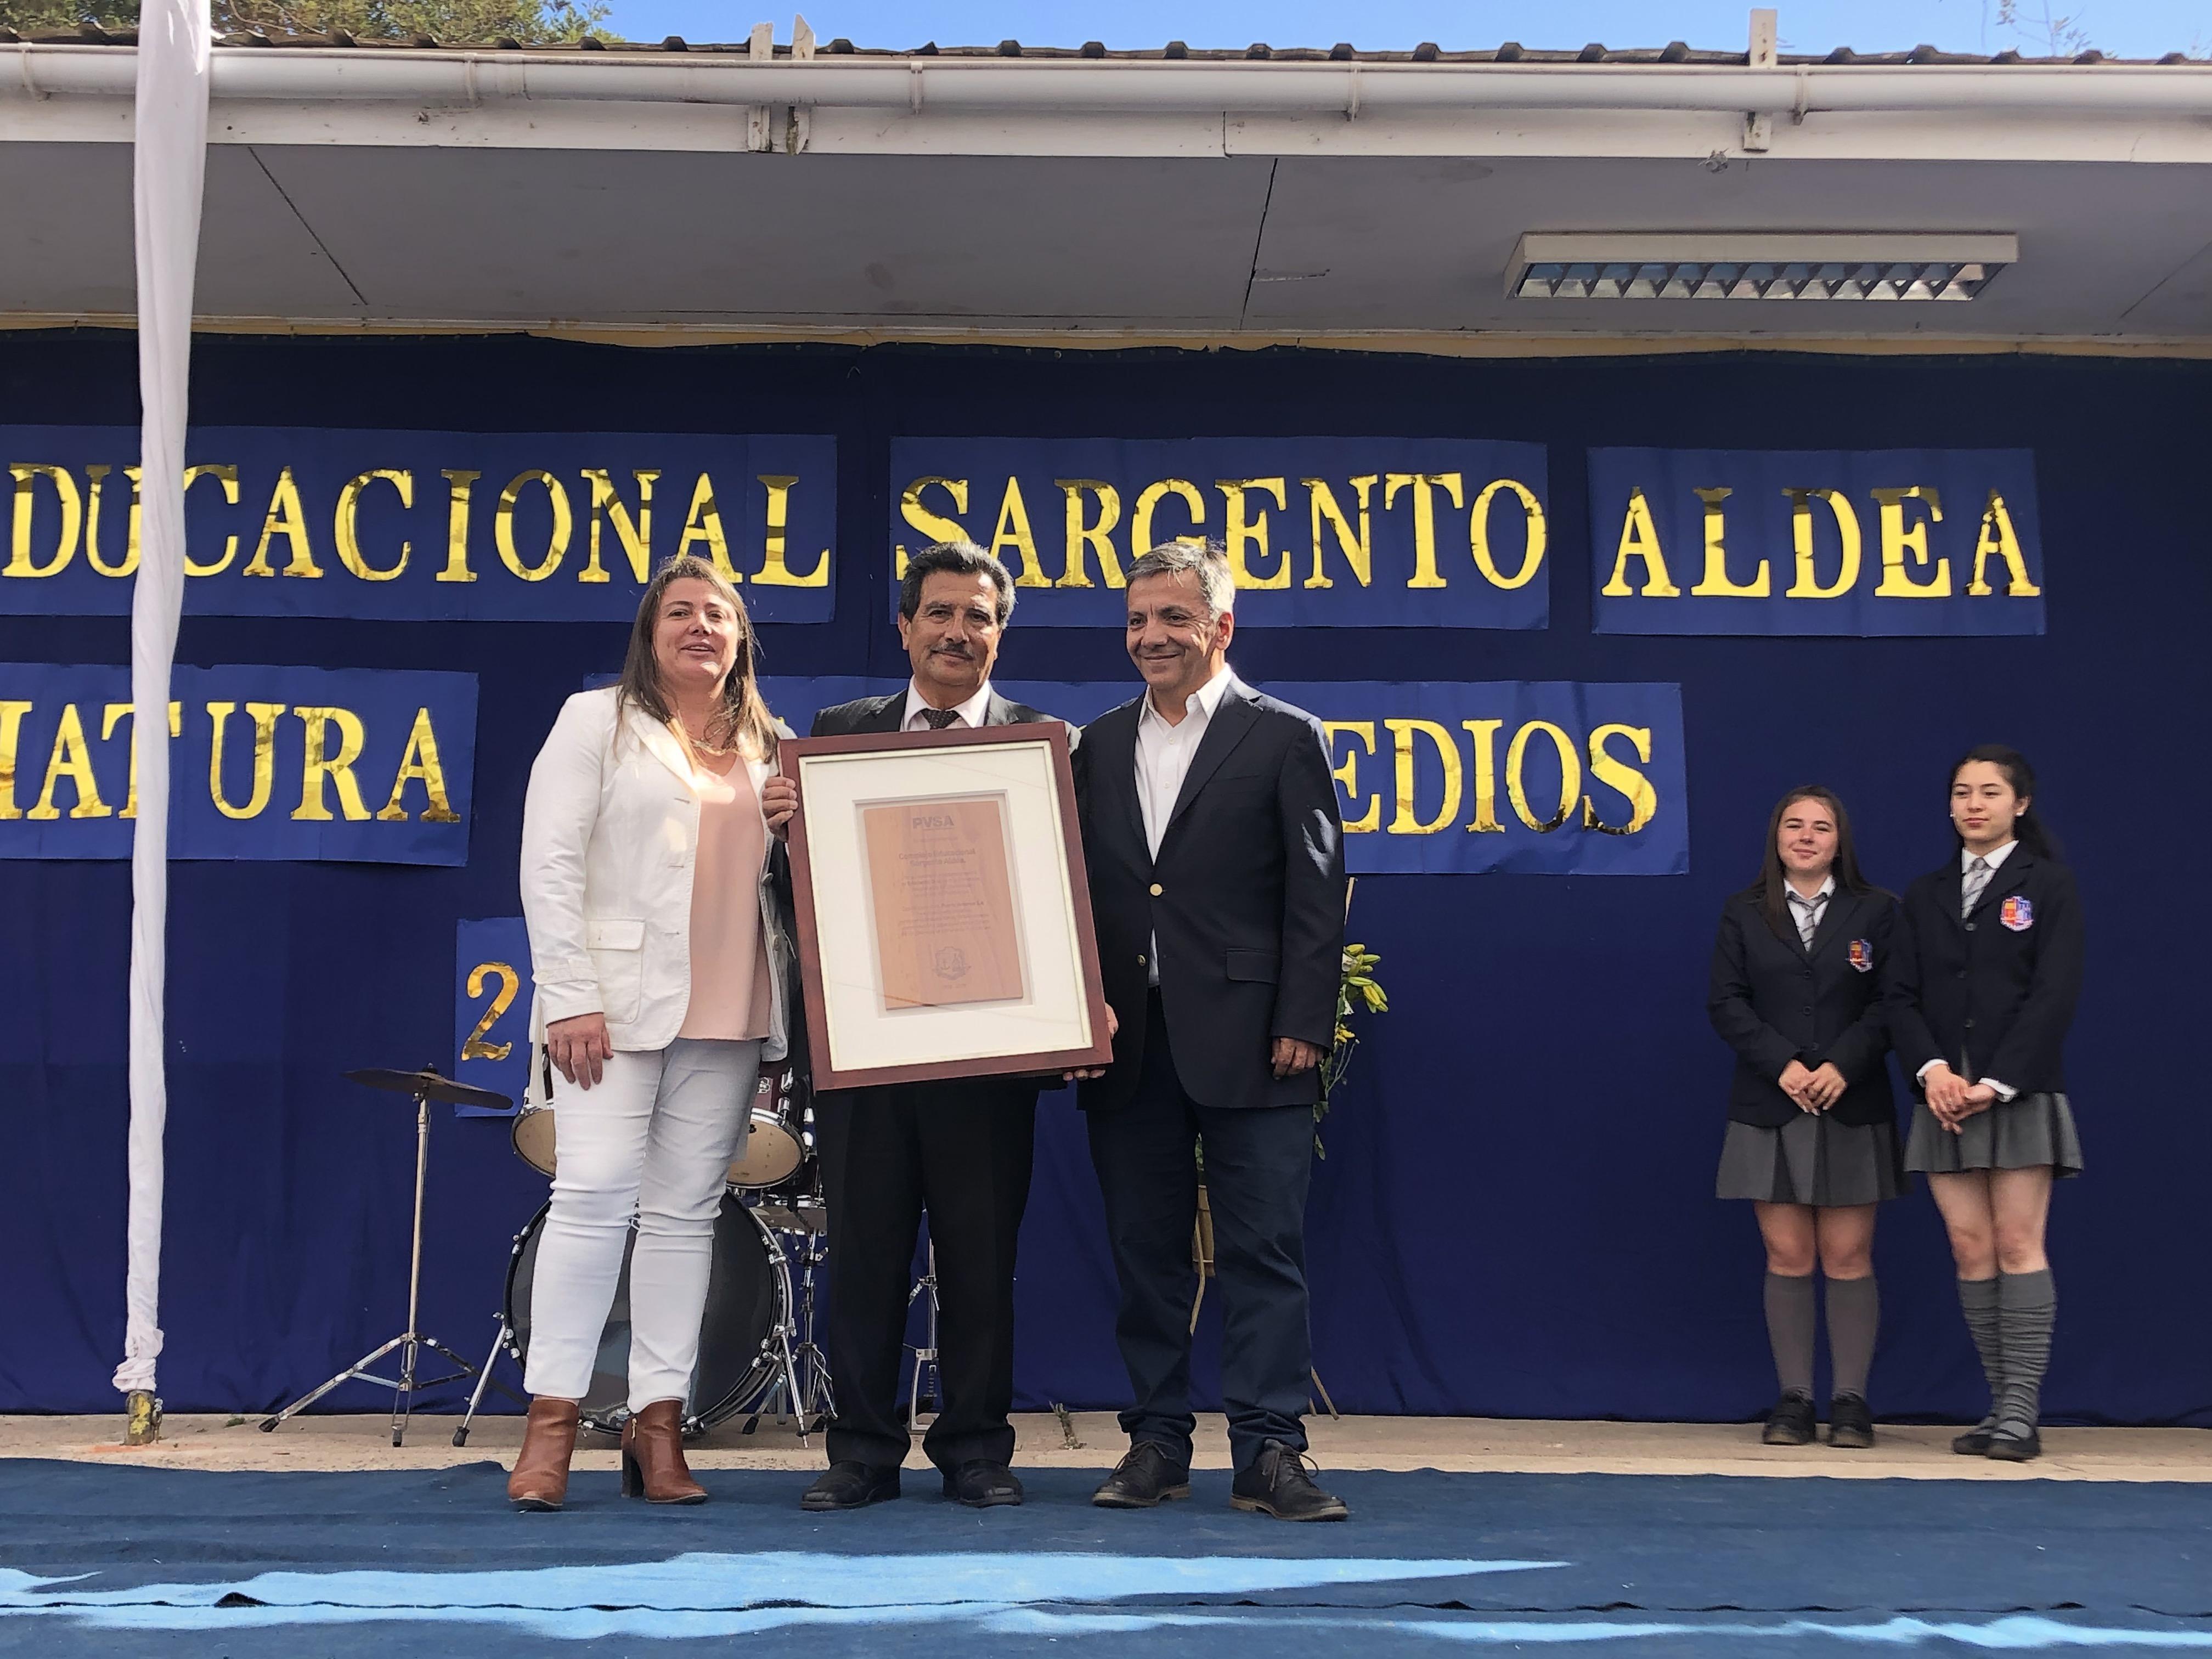 Puerto Ventanas reconoce al Complejo Educacional Sargento Aldea de Puchuncaví por su trayectoria en la Educación Dual